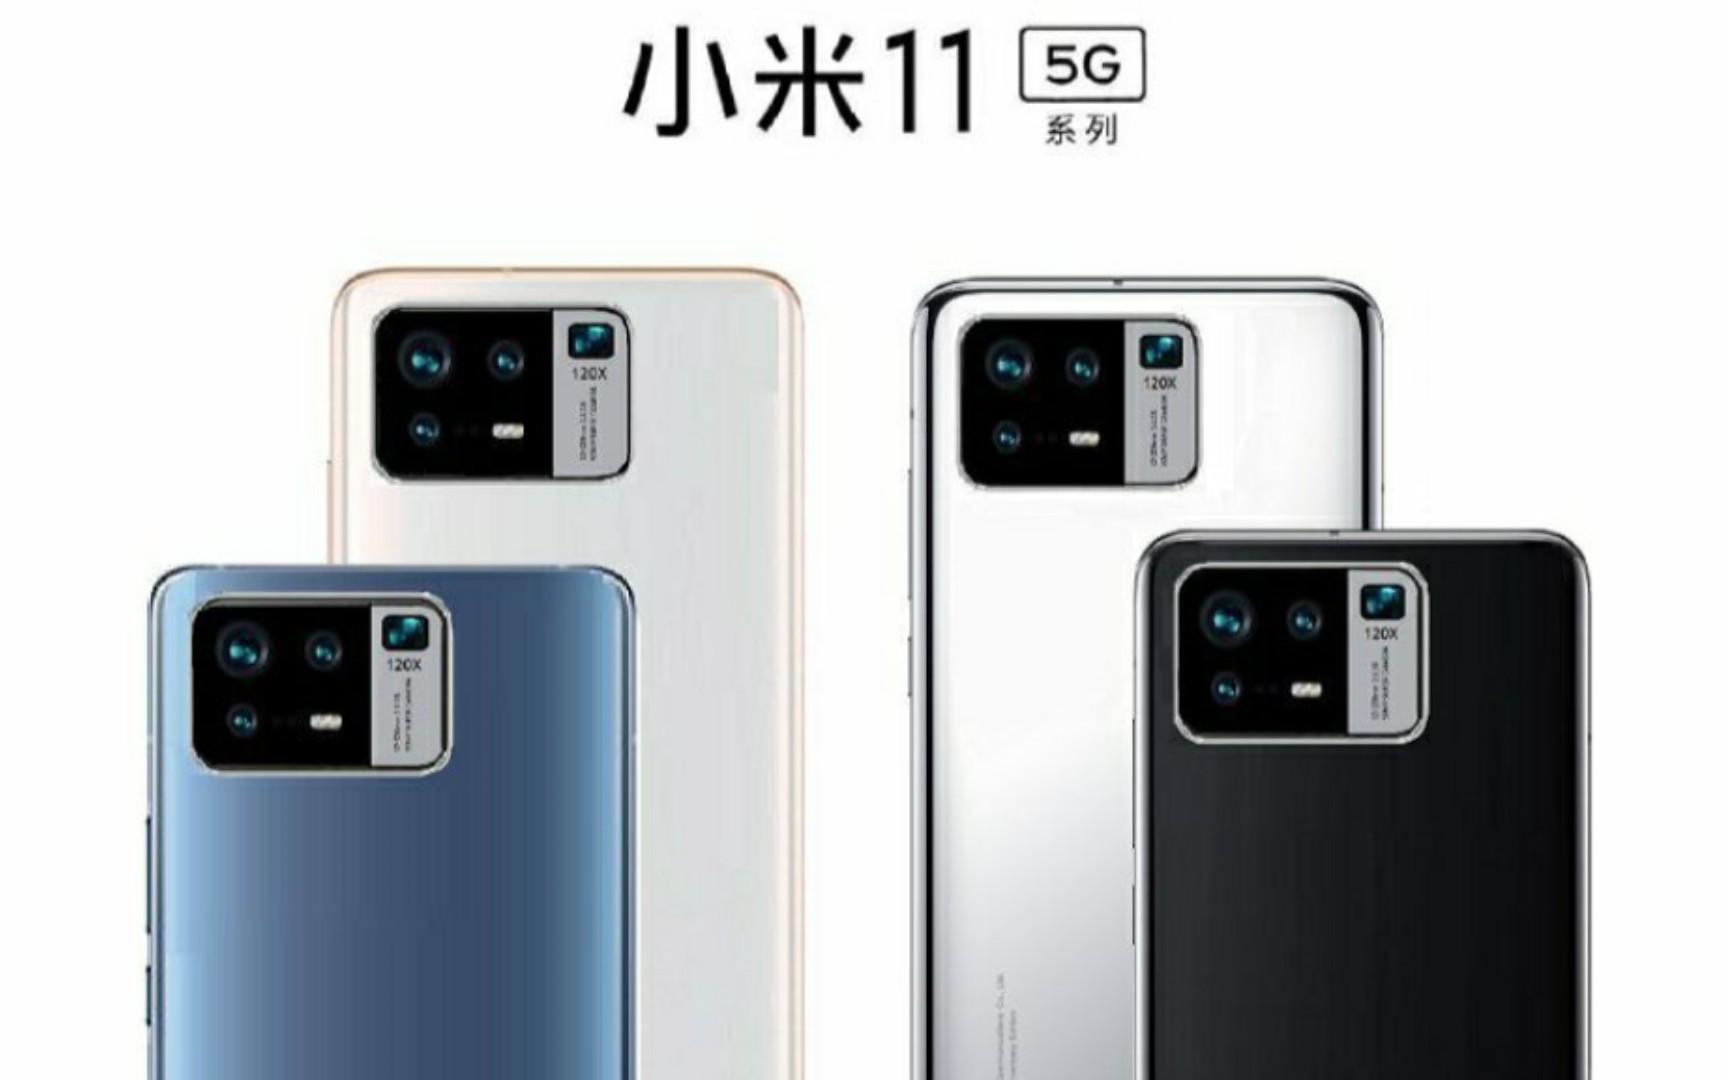 Aparecen nuevas imágenes del Xiaomi Mi 11 Pro aparecen en la red, ¿reales o no?. Noticias Xiaomi Adictos